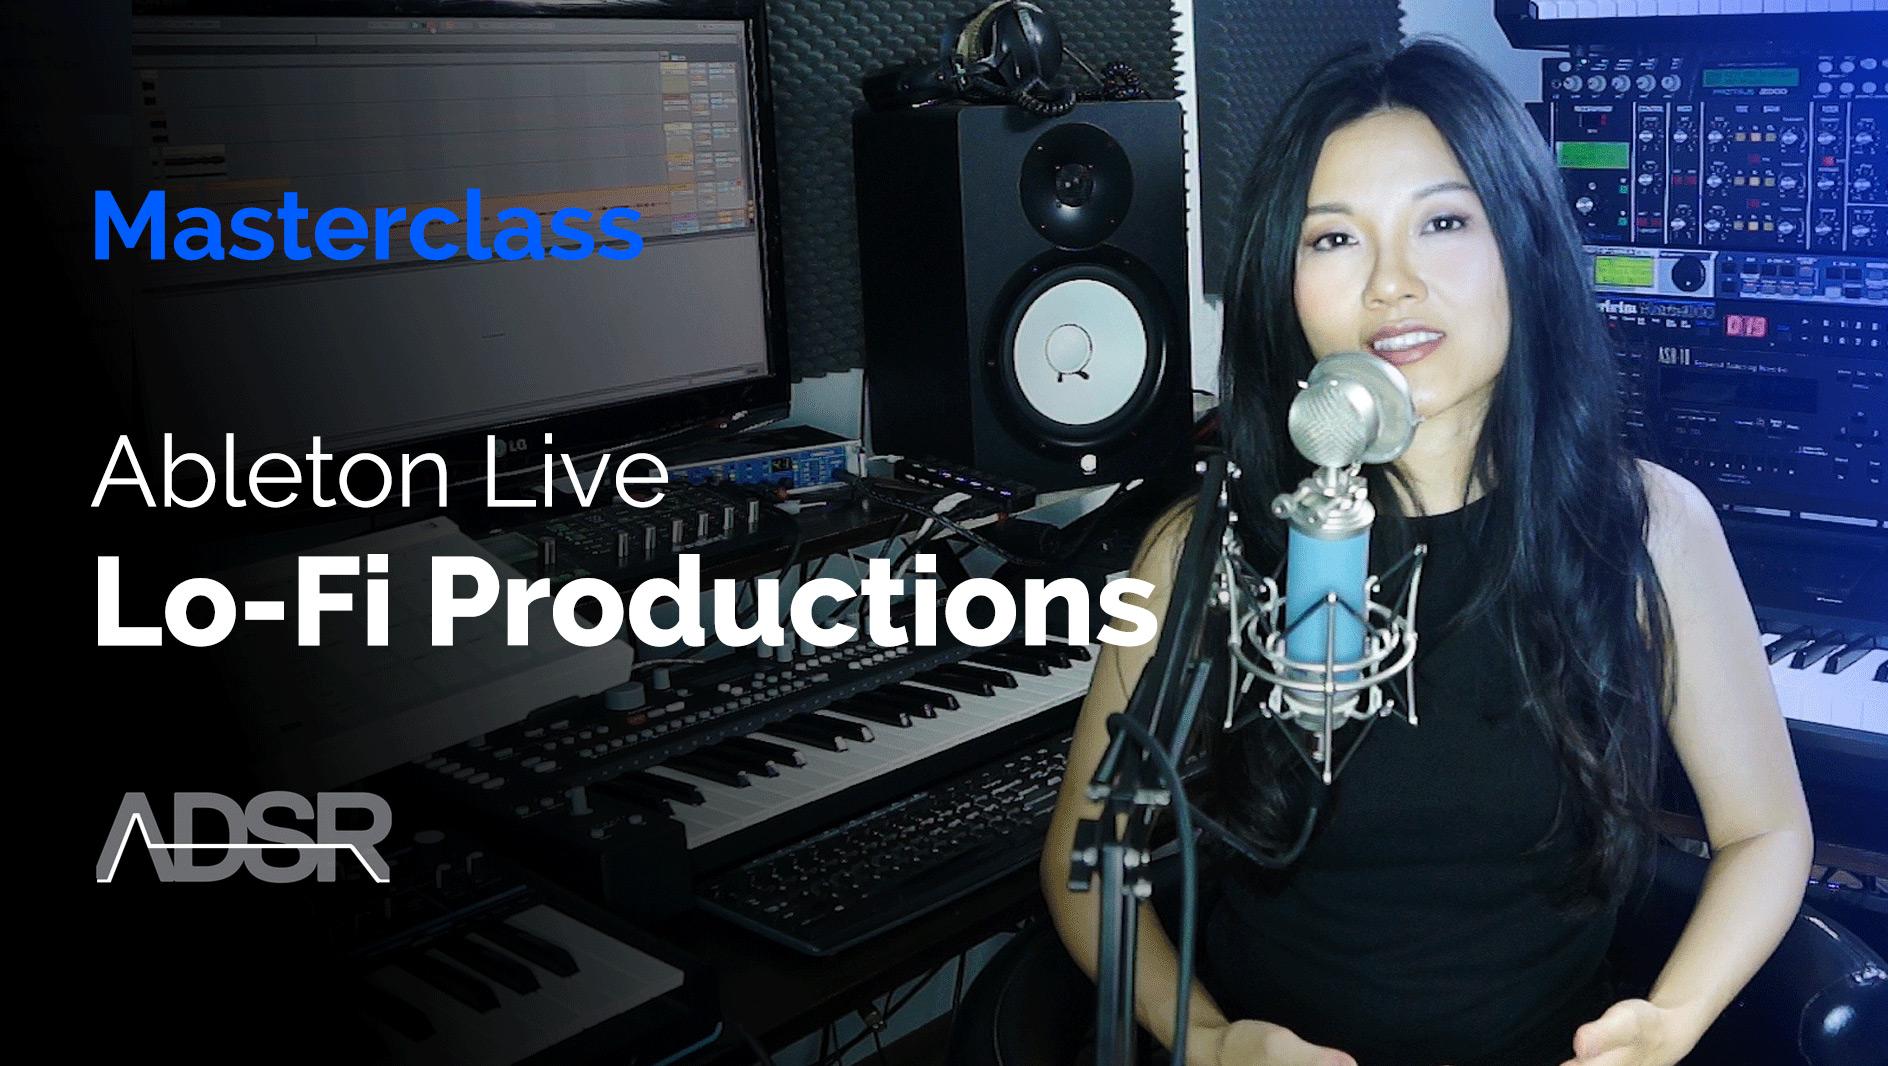 Lo-Fi Masterclass - How to make Lo-Fi Hip-Hop and Lo-Fi House